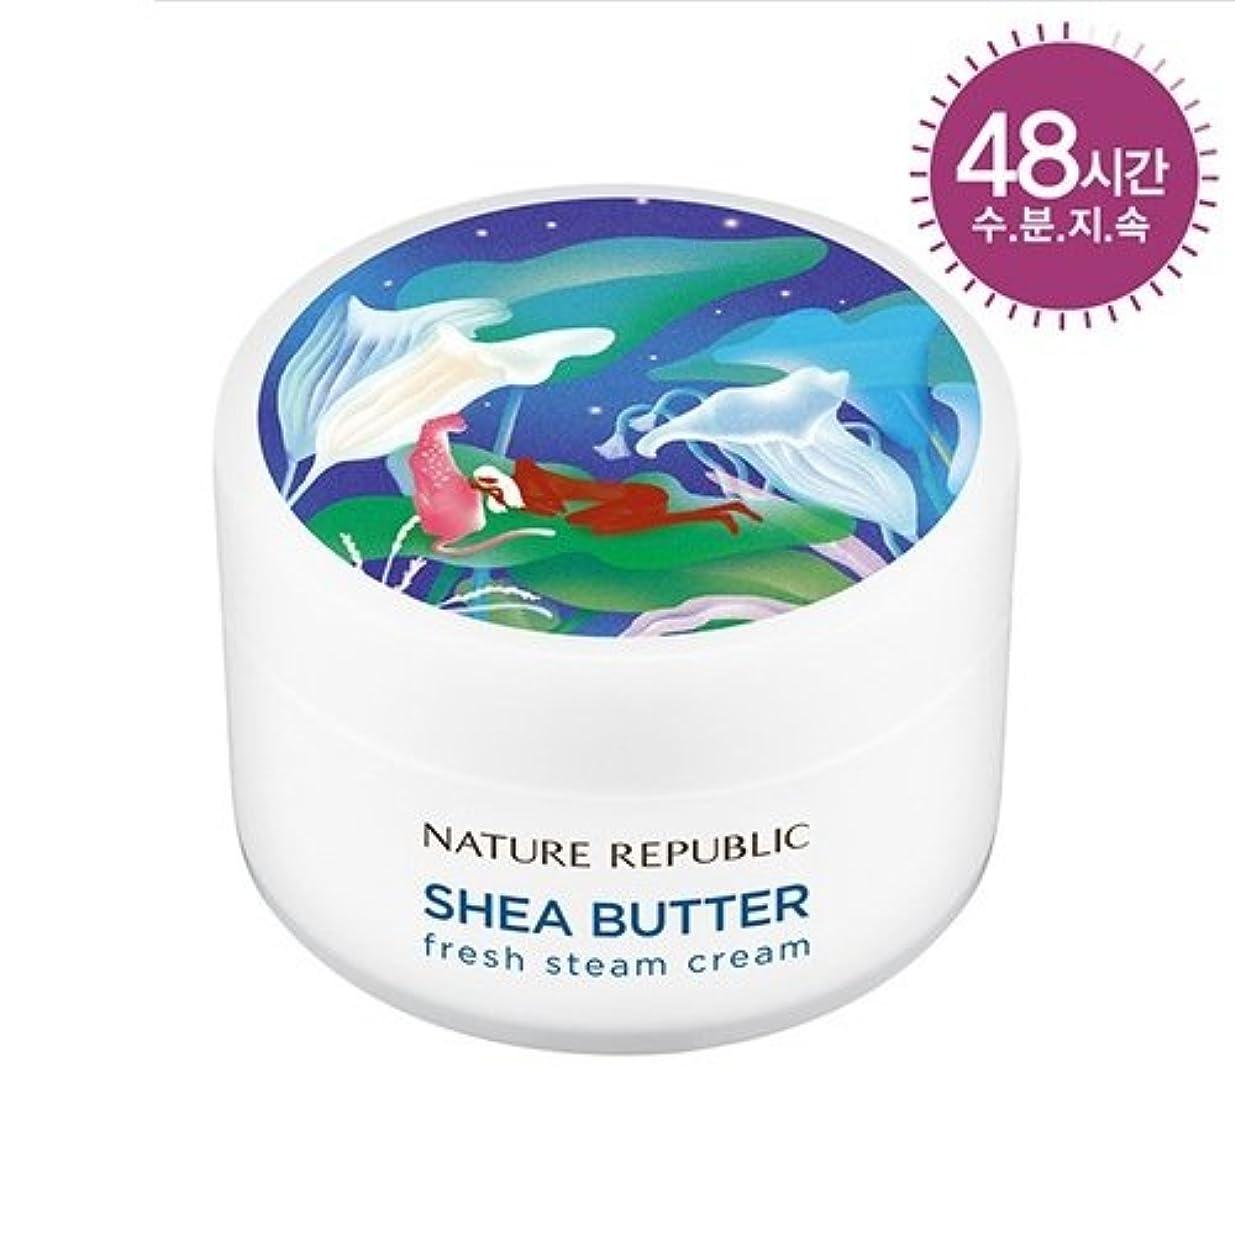 ゴムオーク切断するNATURE REPUBLIC(ネイチャーリパブリック) SHEA BUTTER STEAM CREAM シアバター スチーム クリーム #フレッシュスオイリー肌